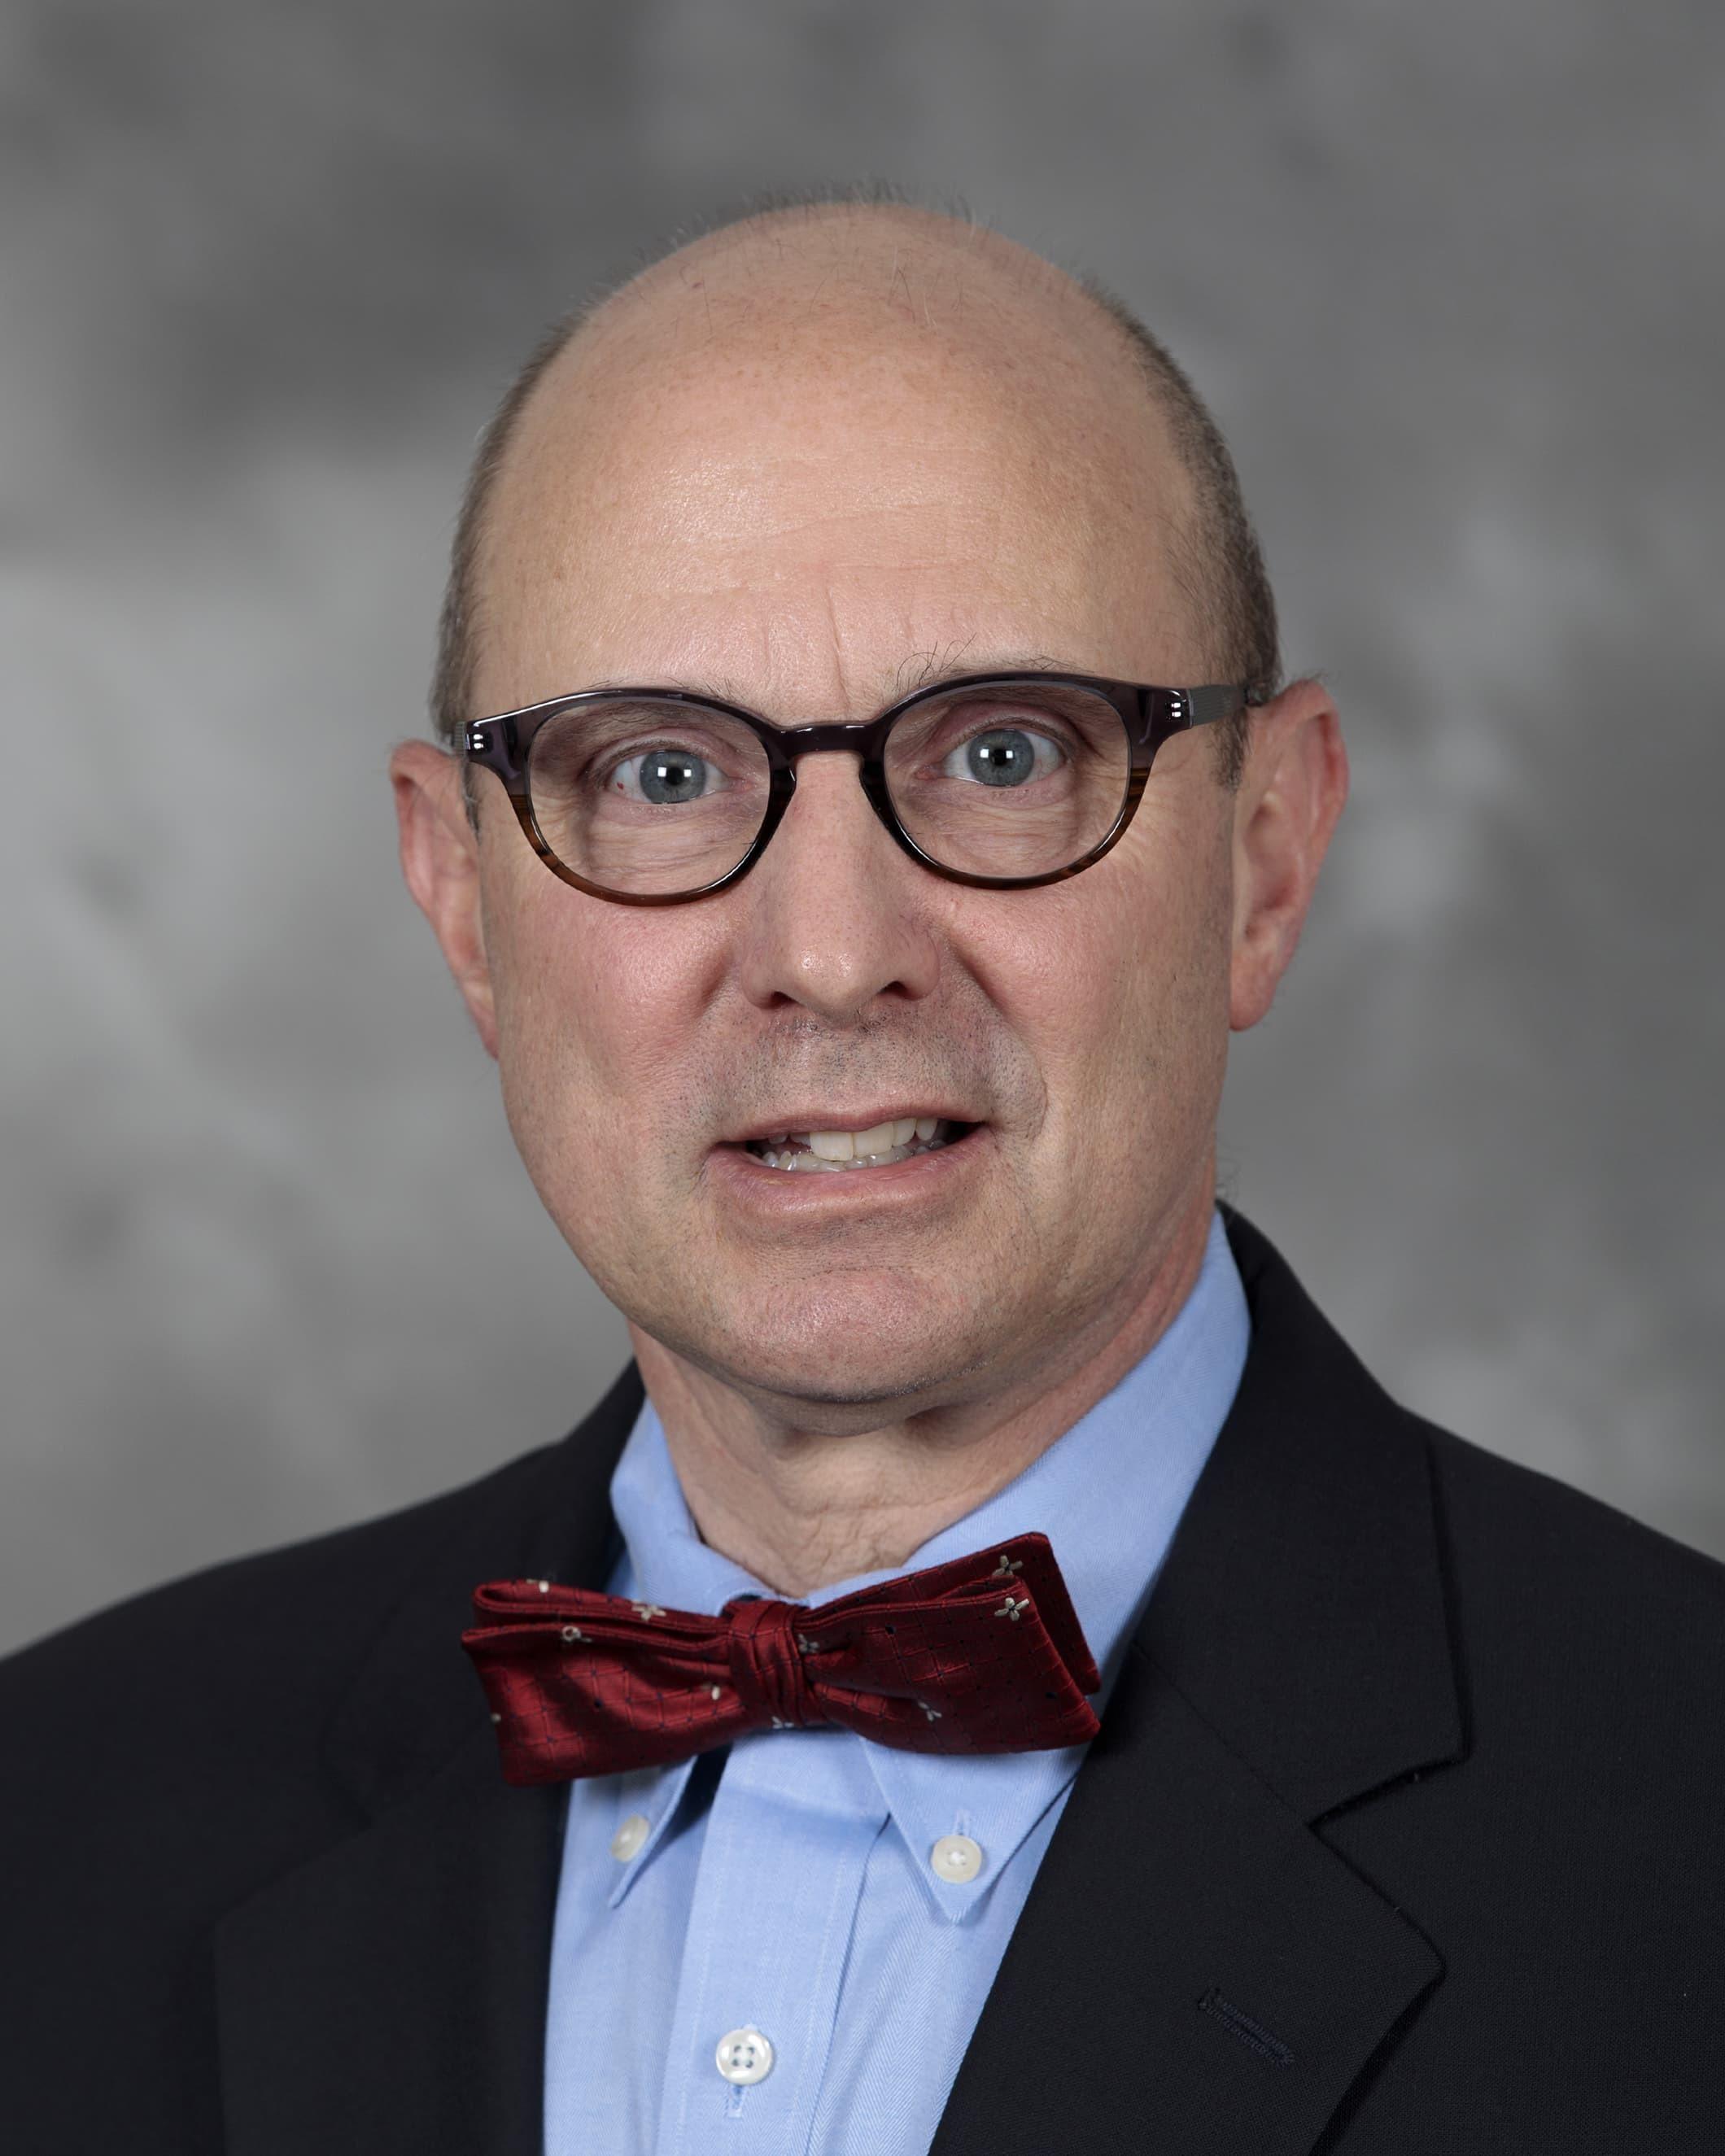 Derek T Sprunger, MD